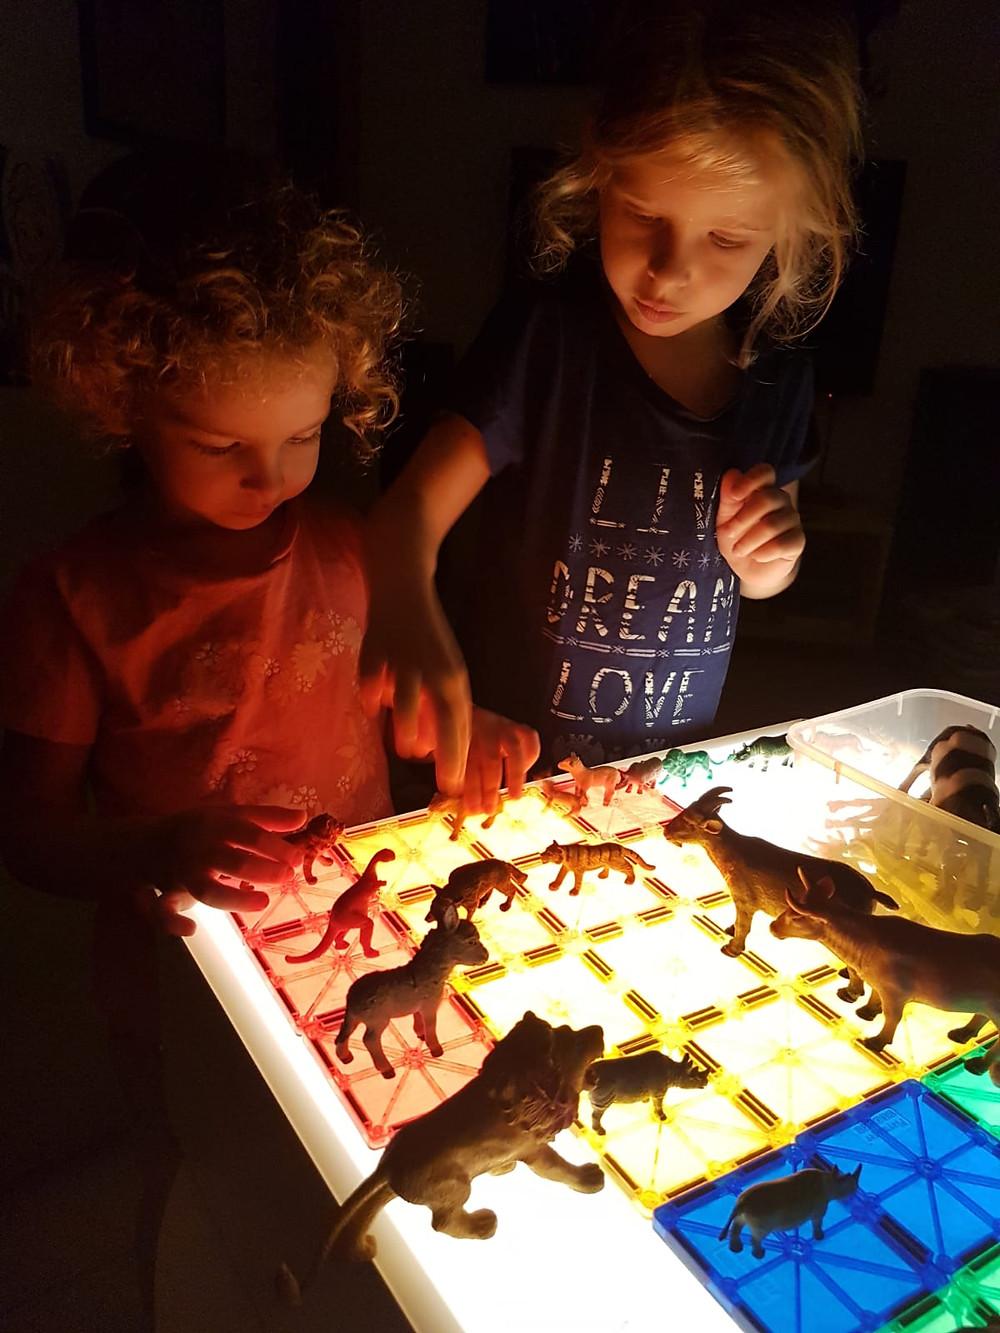 אור וגל משחקות עם מגנטים וחיות בשולחן אור